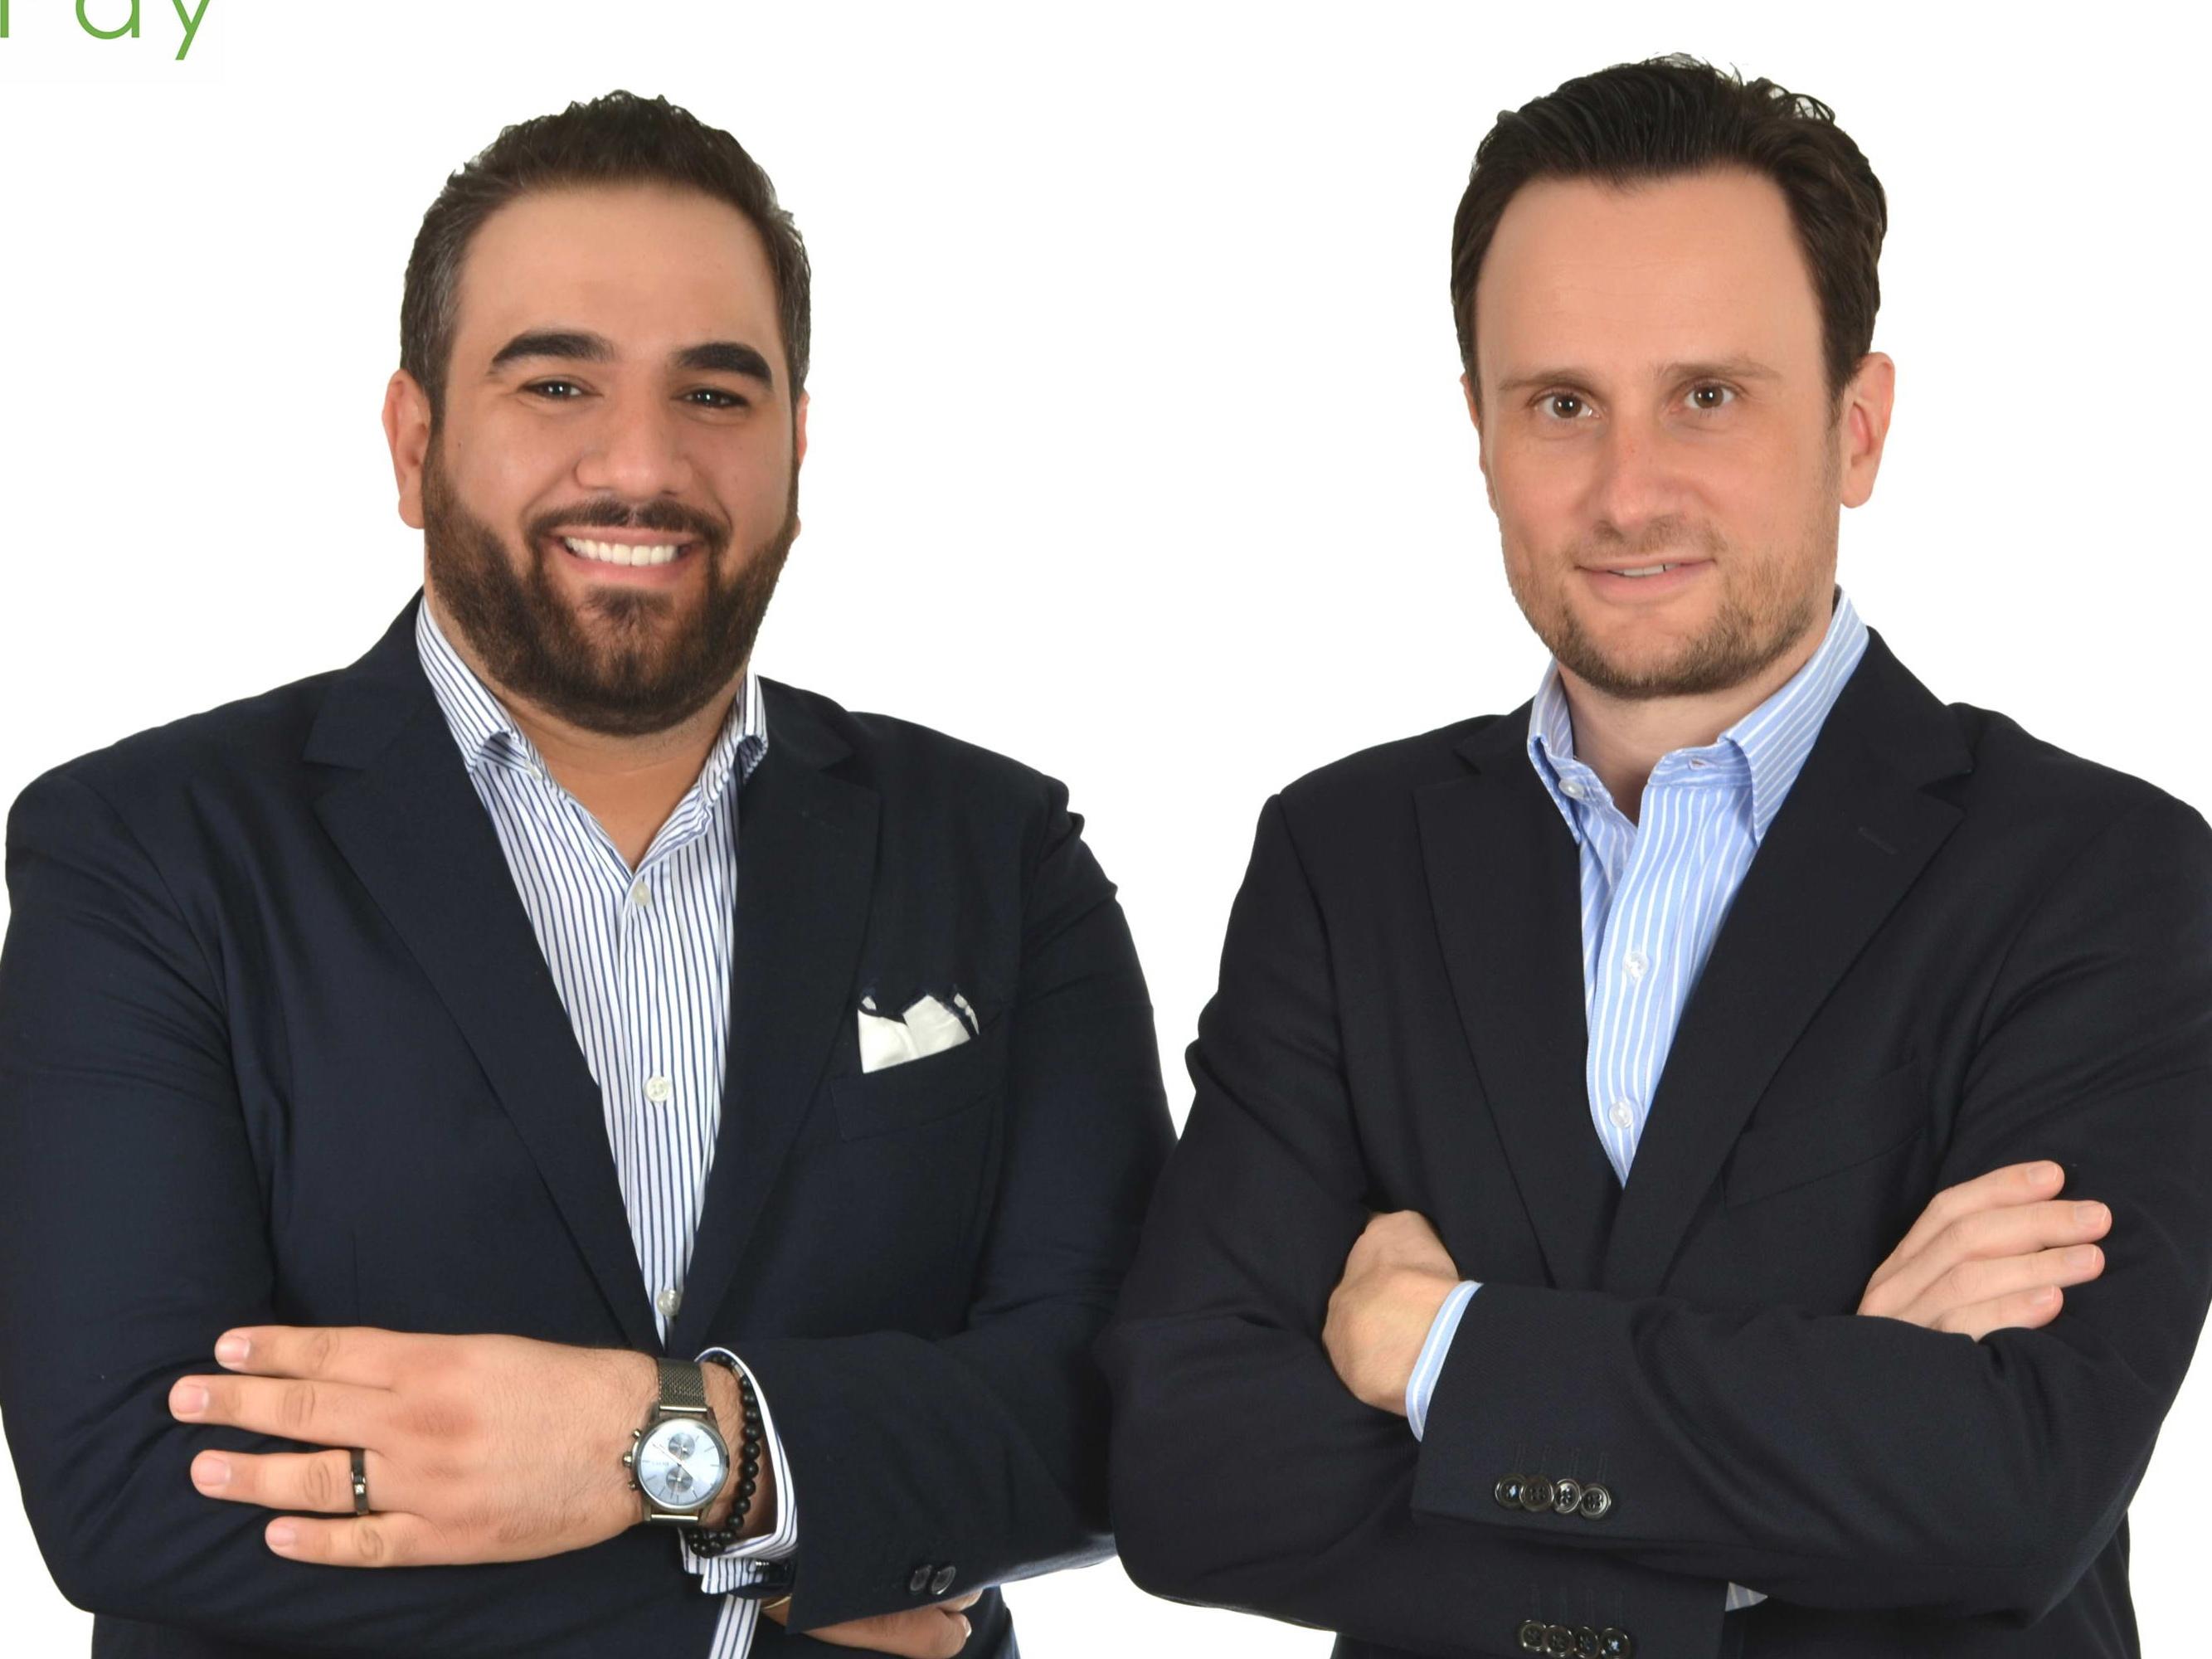 """تحصل على تمويل جديد لدعم استثمارات منصتها المالية للشركات في الإمارات """"FlexxPay"""""""